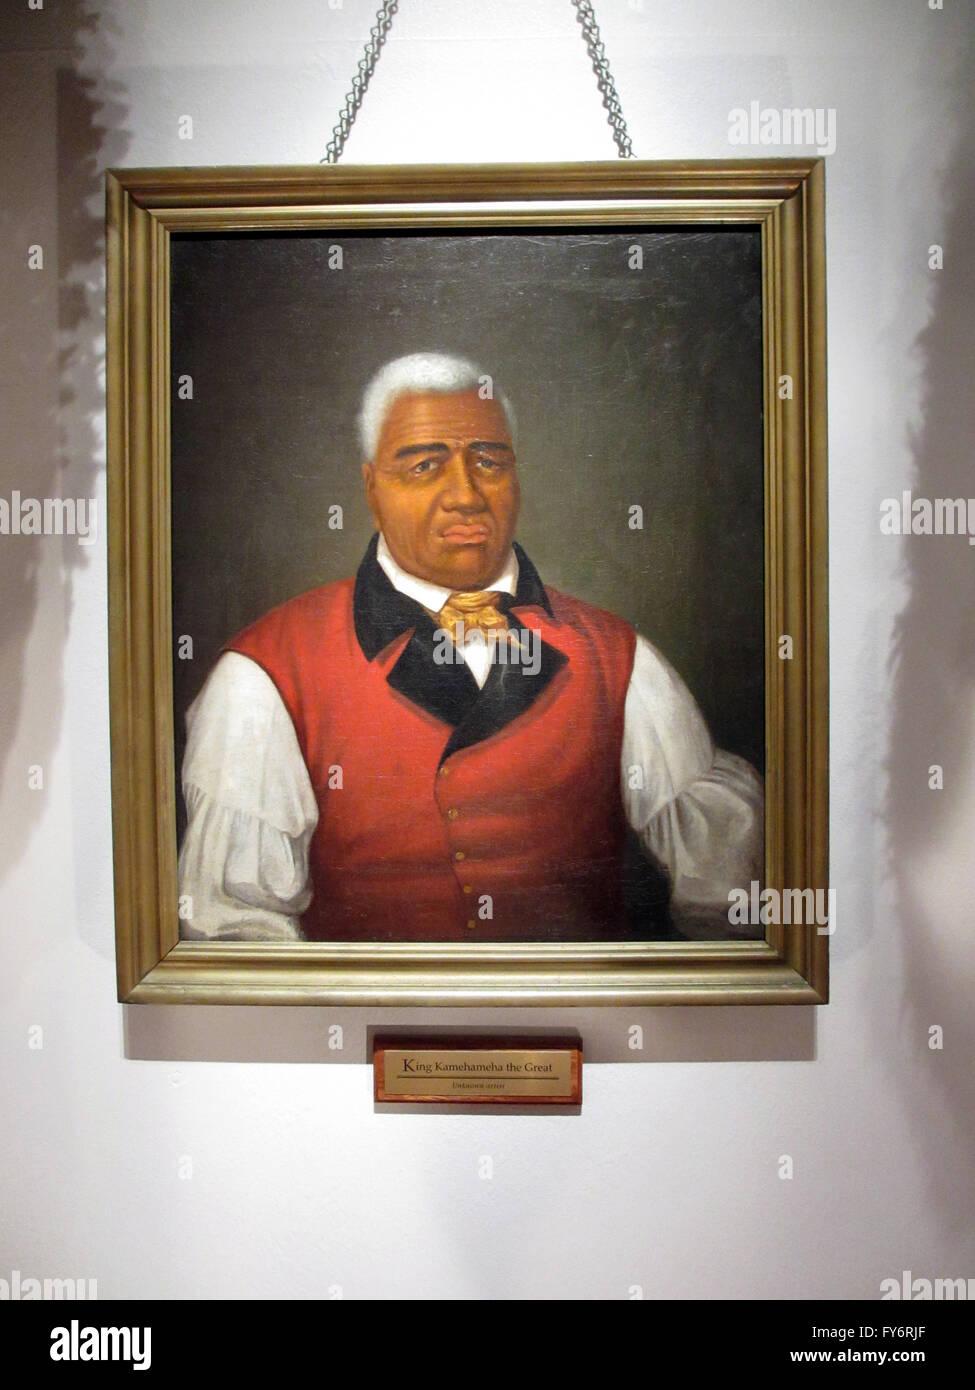 Re Kamehameha il grande il primo re di un regno Hawaii, Pittura - artista sconosciuto dagli inizi del XIX secolo. Foto Stock